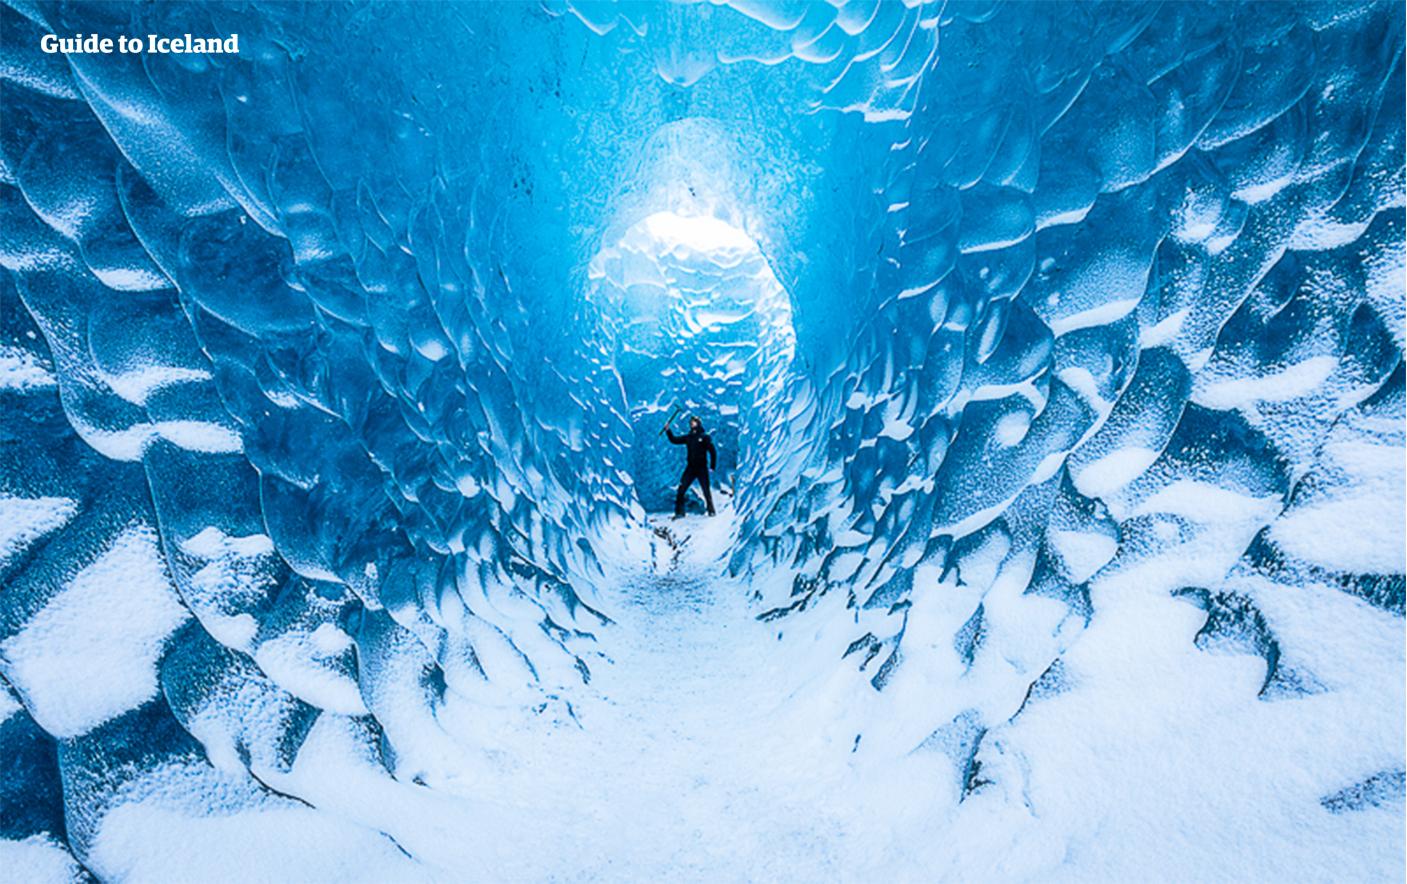 Tour económico de 2 días en invierno   Costa Sur, Jökulsárlón y Cueva de Hielo Azul